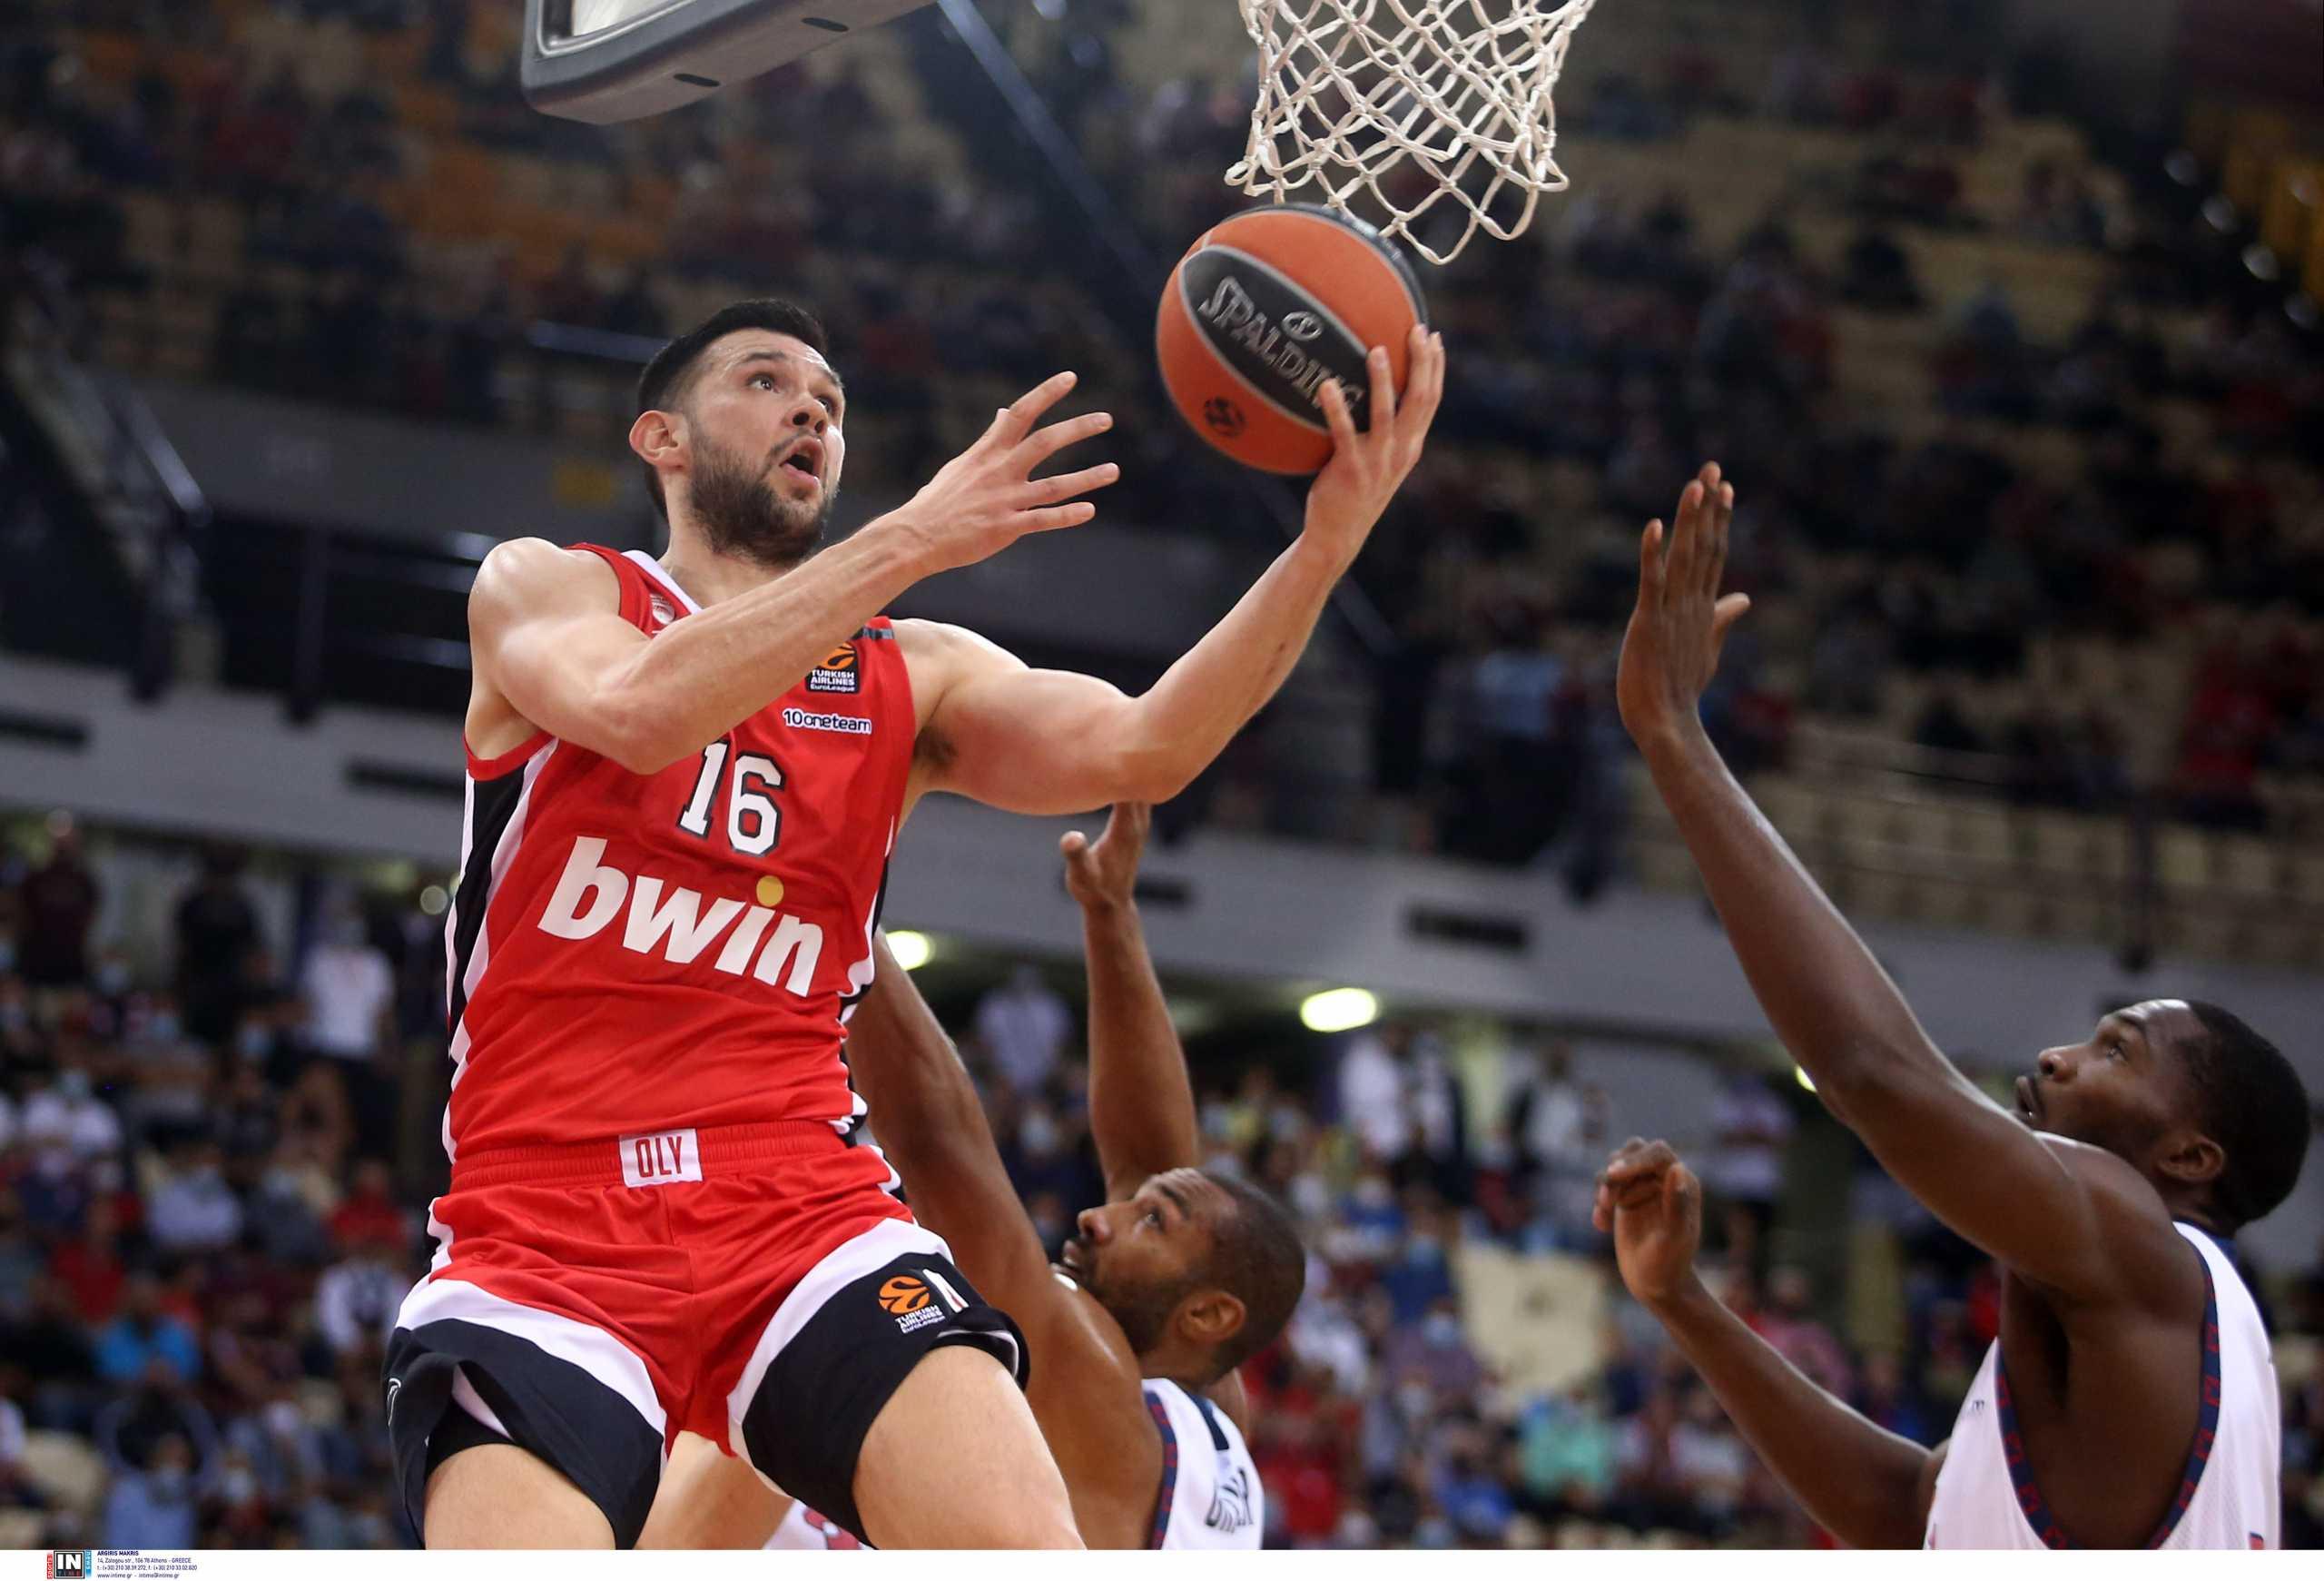 Ολυμπιακός – Μπασκόνια LIVE για την πρώτη αγωνιστική της Euroleague